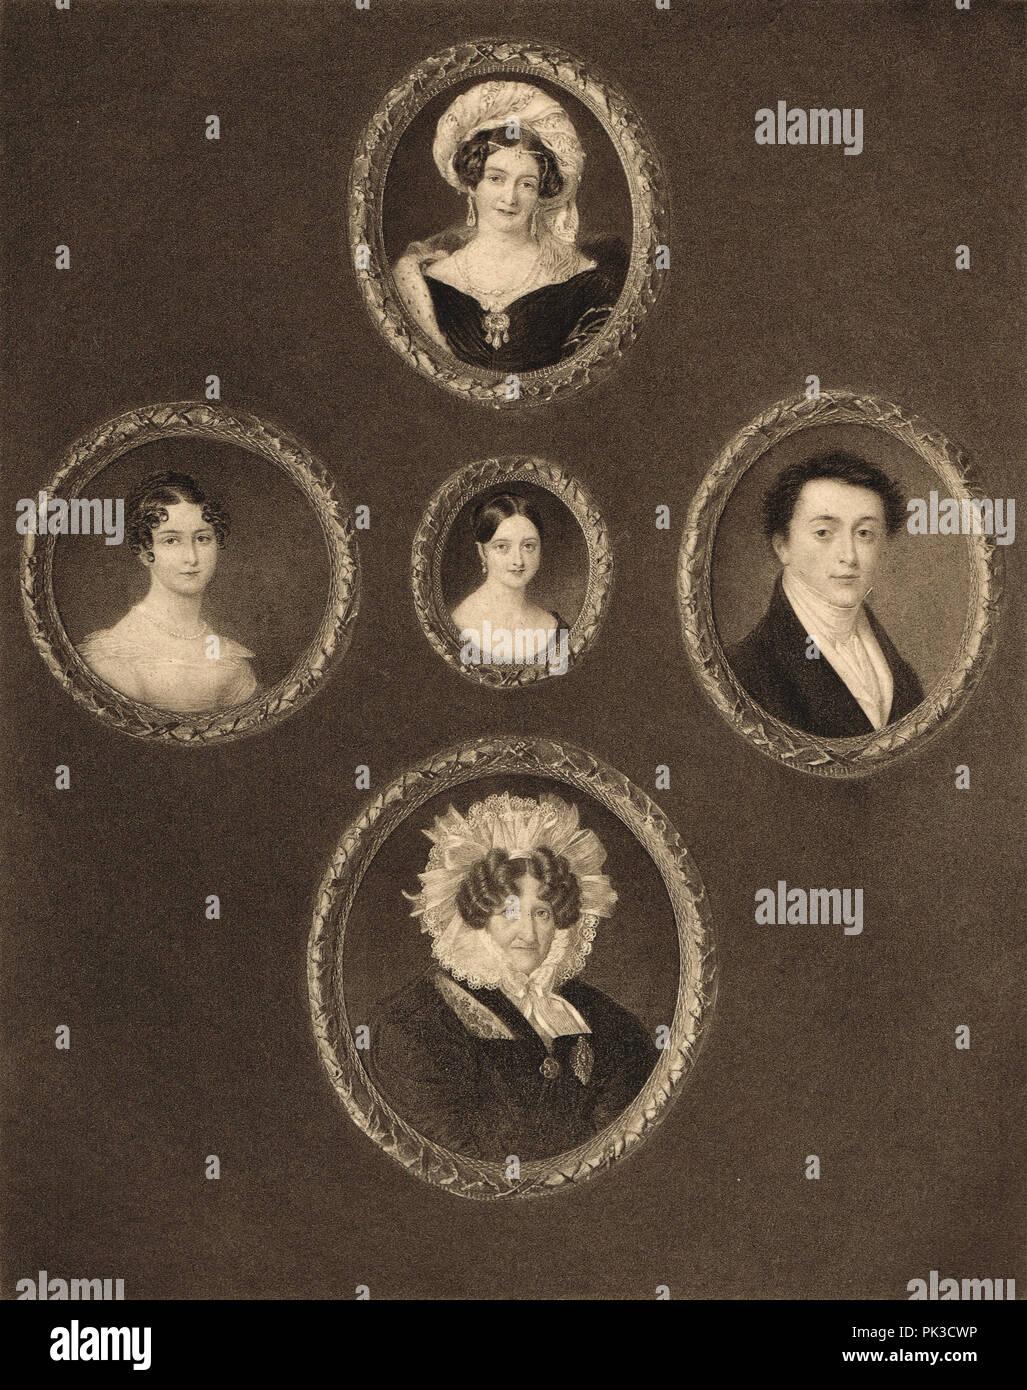 La regina Victoria e alcuni dei suoi rapporti in 5 miniature Immagini Stock